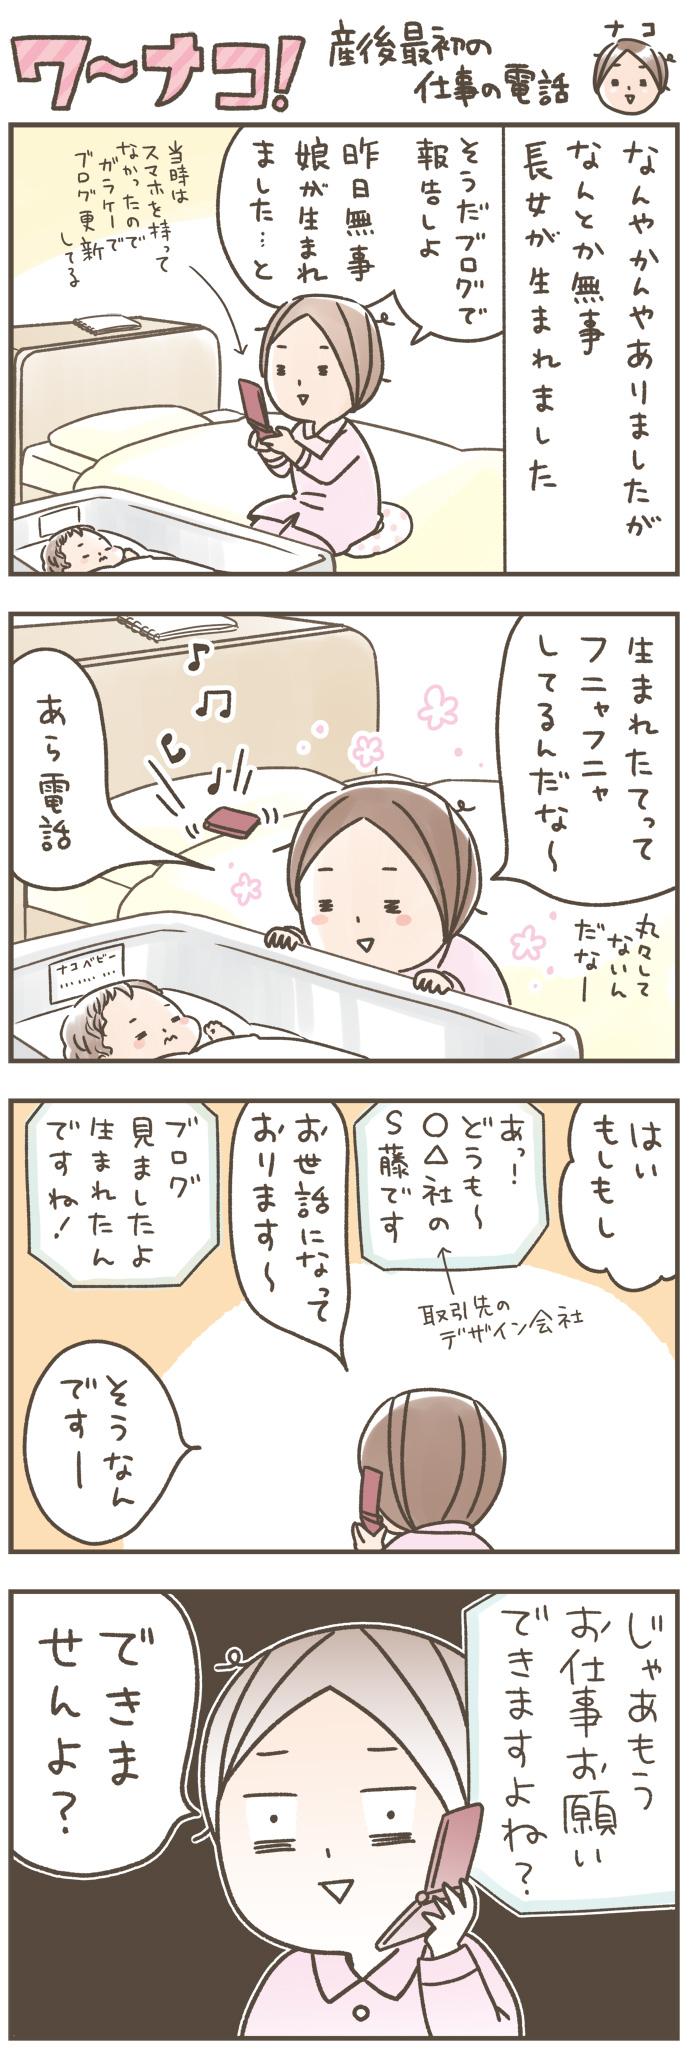 産後最初の仕事